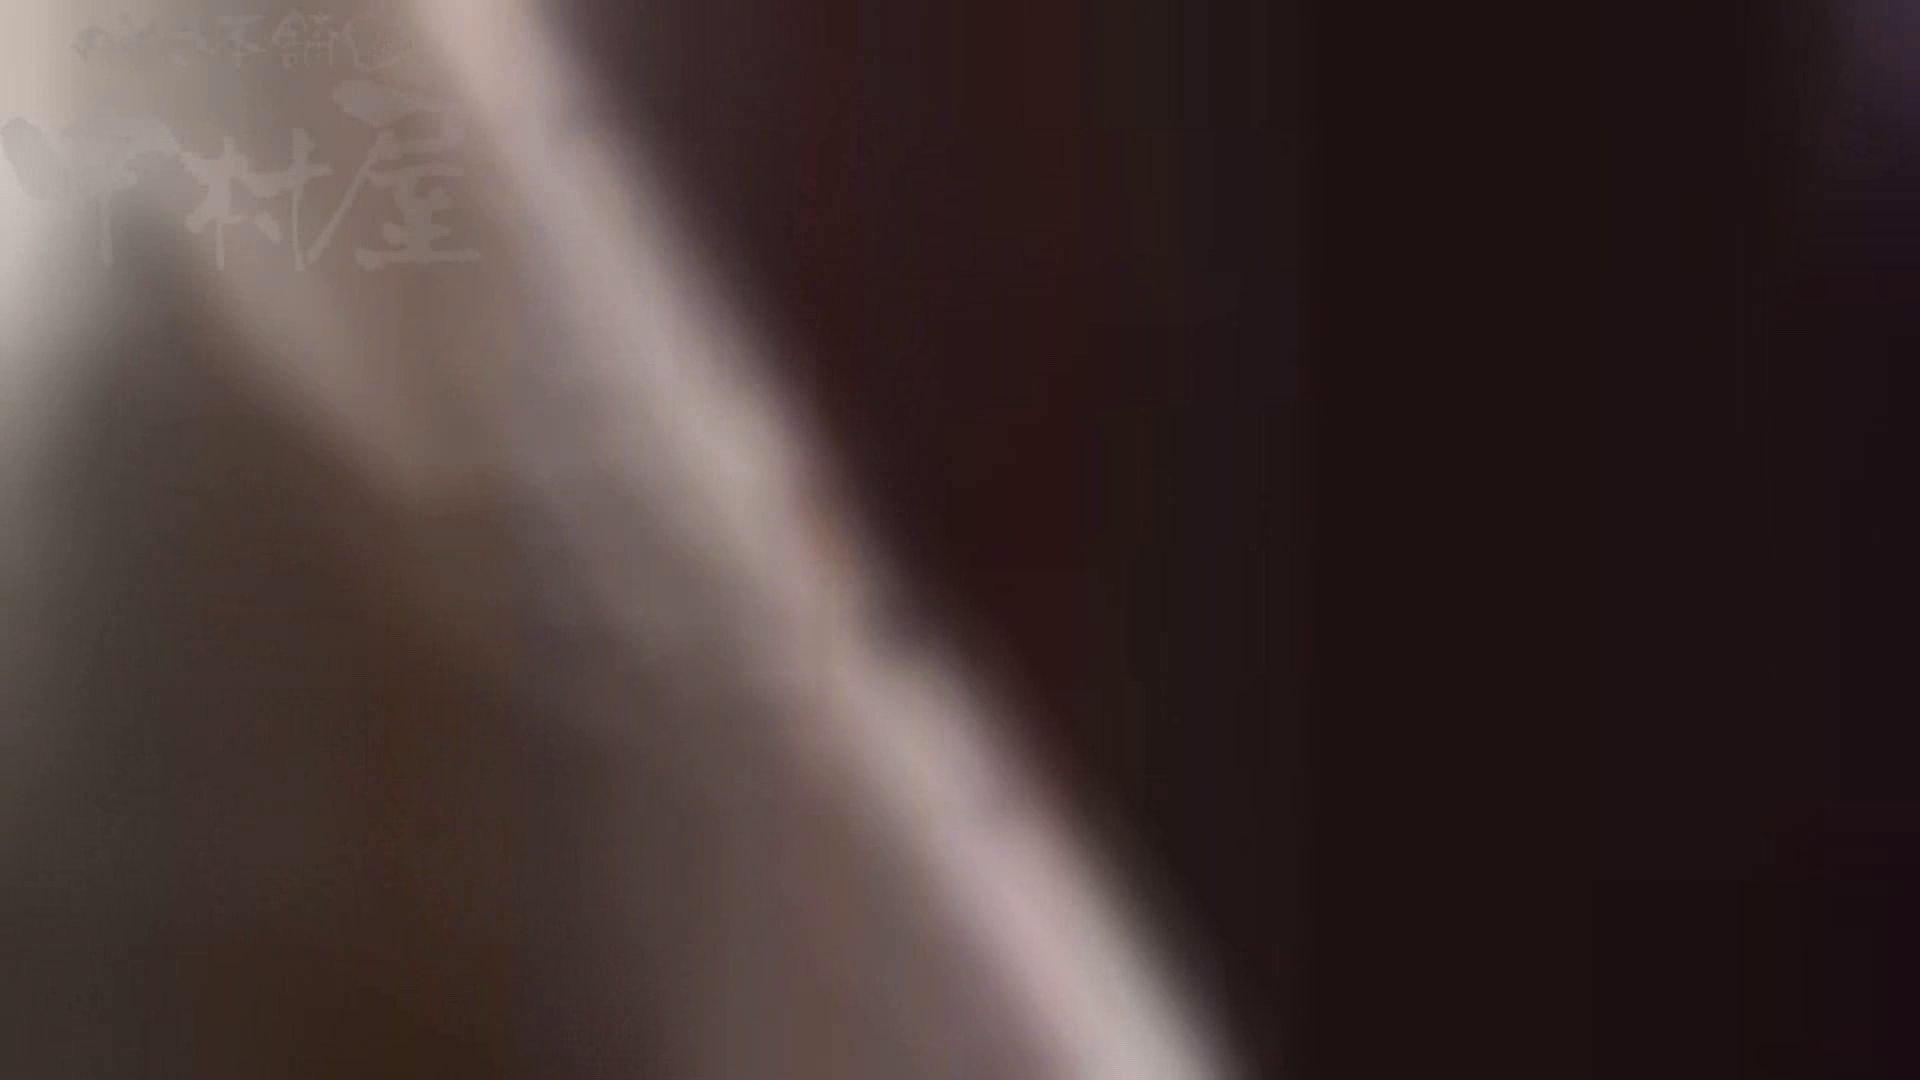 第三体育館潜入撮File024 最後の子公開残りは、SEIJUKU!! マンコ無修正 のぞきおめこ無修正画像 66画像 2